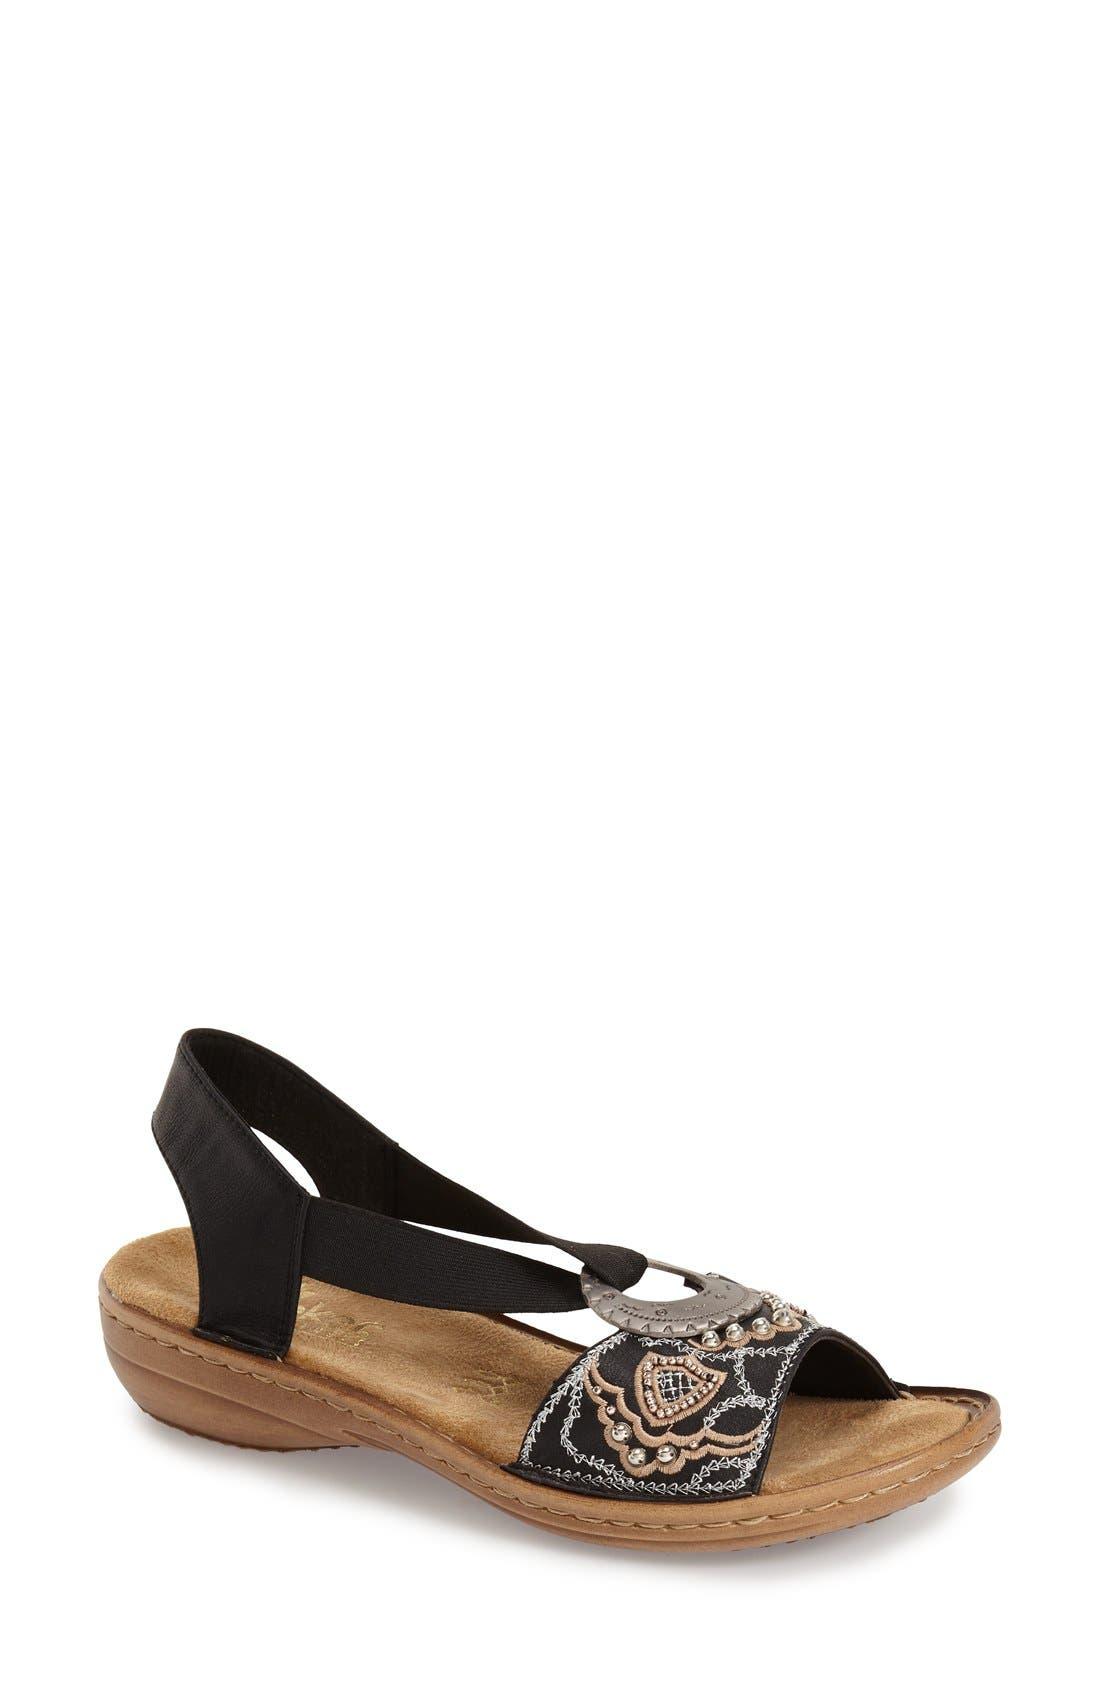 199d89bdc85 Women s Rieker Antistress Sandals